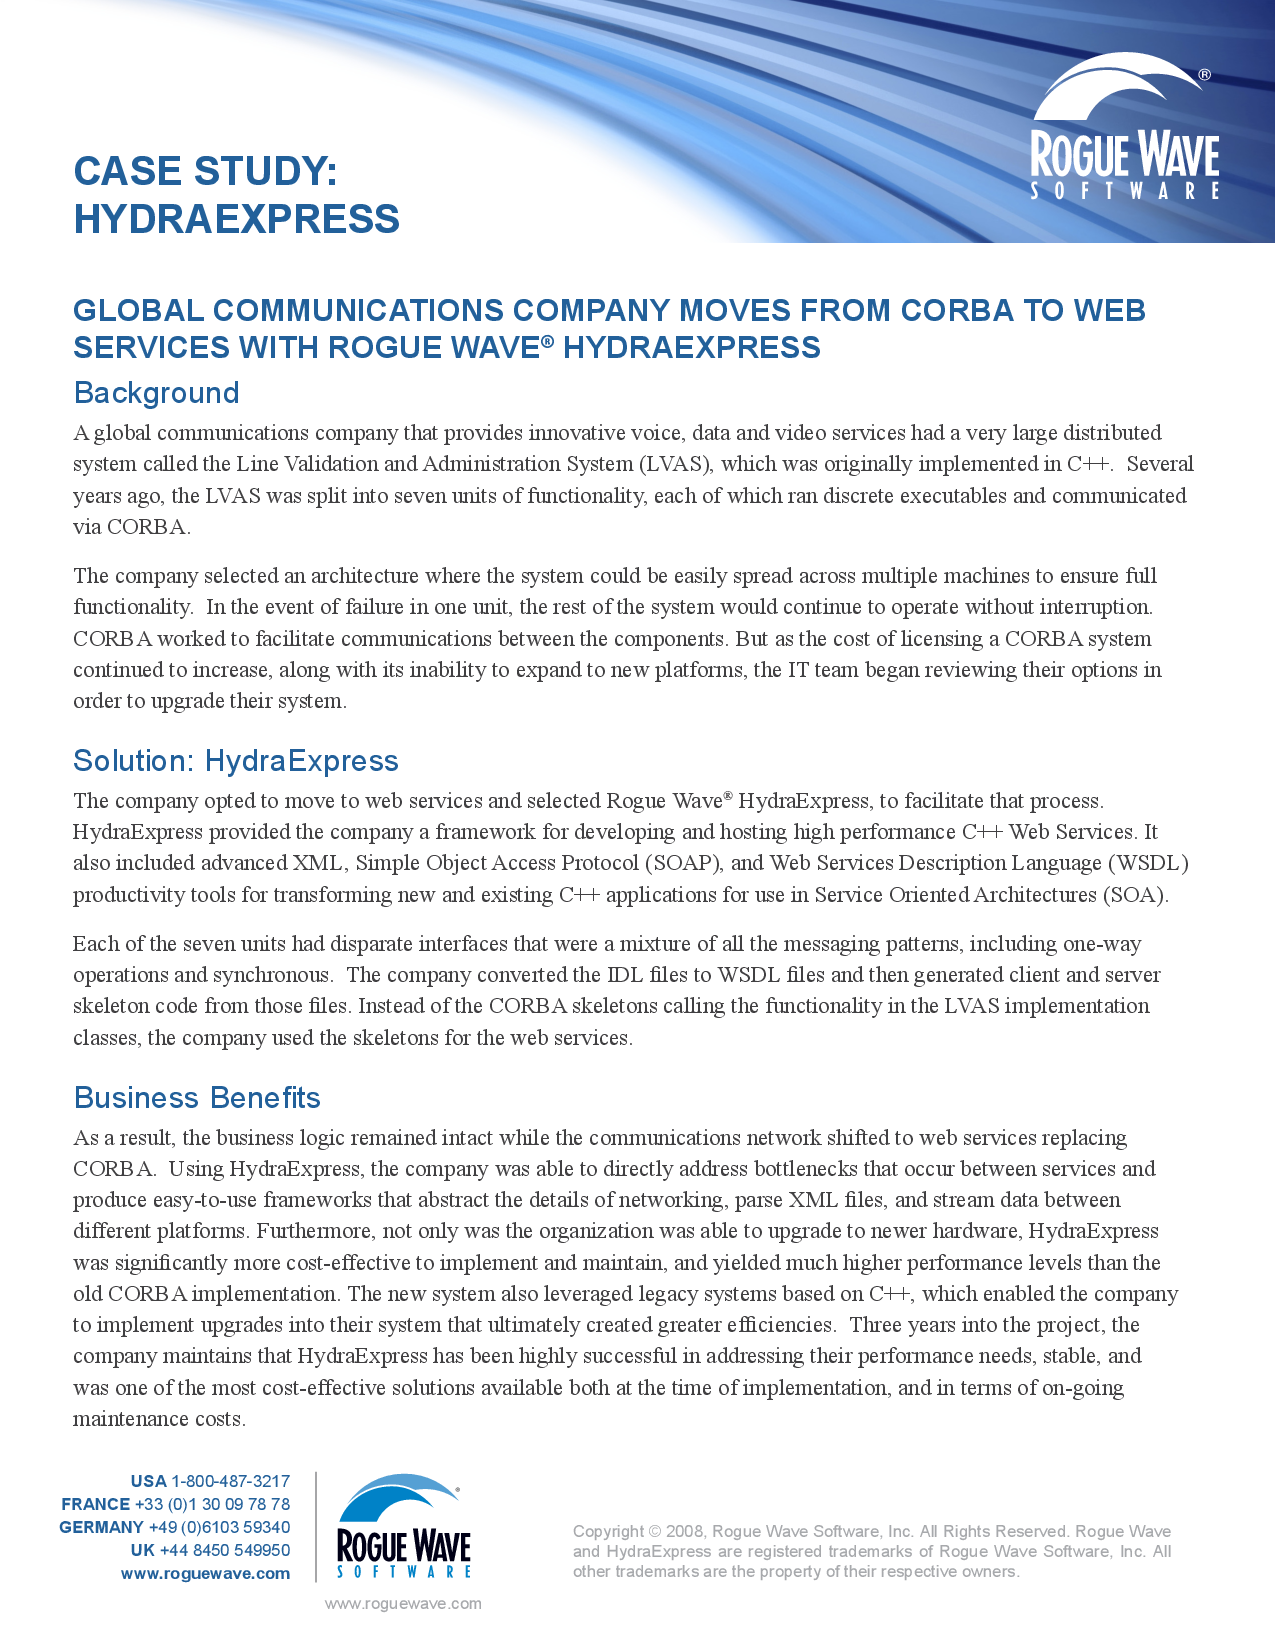 hydra express software